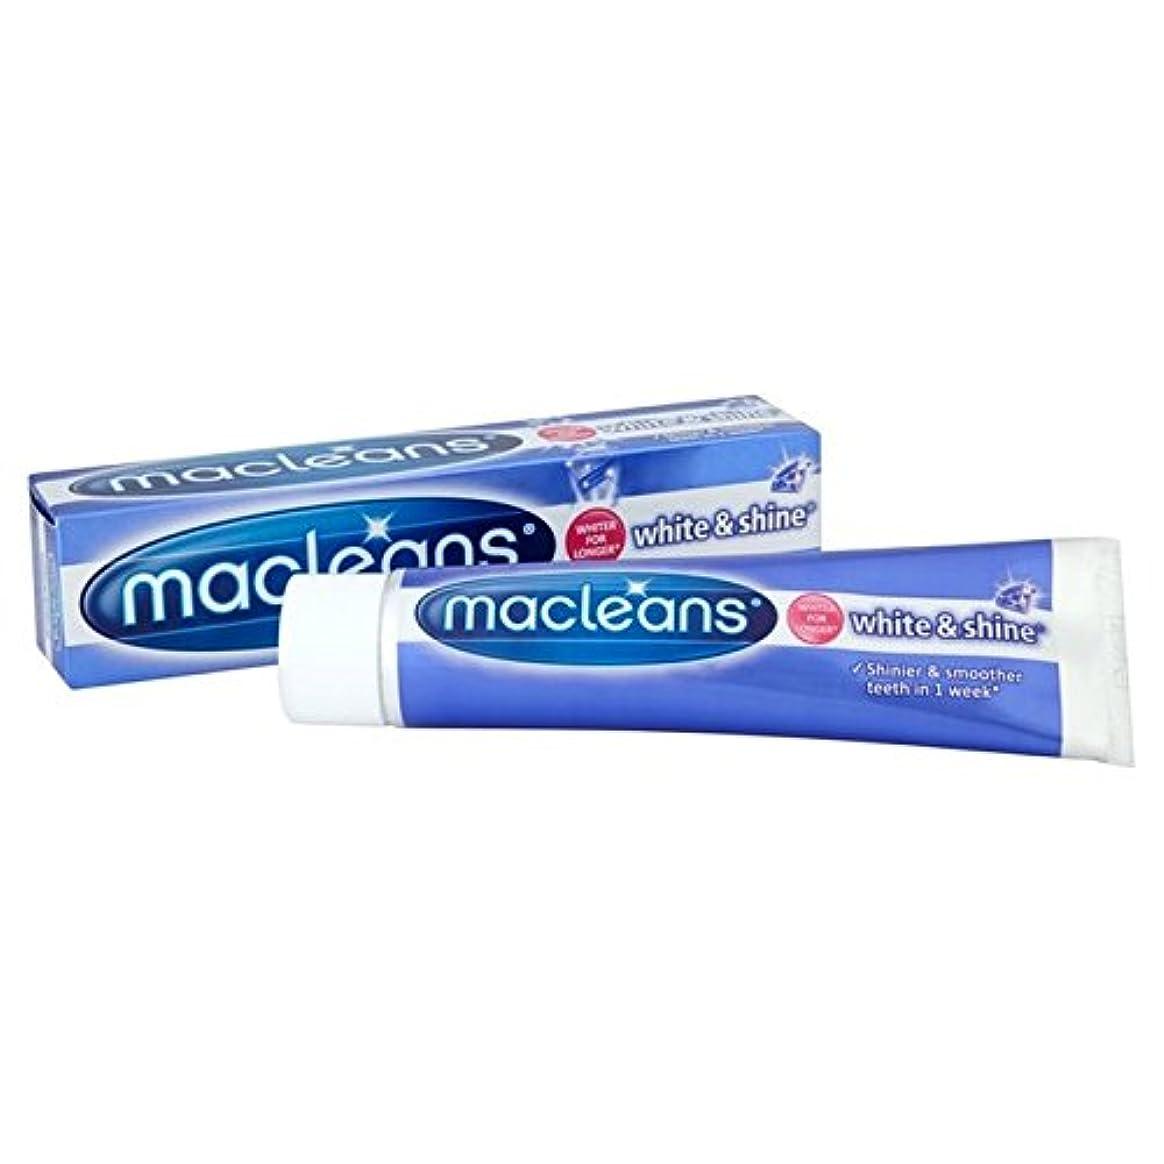 悪因子浸漬夜Macleans White'n'shine Toothpaste 100ml - ''歯磨き粉の100ミリリットル [並行輸入品]